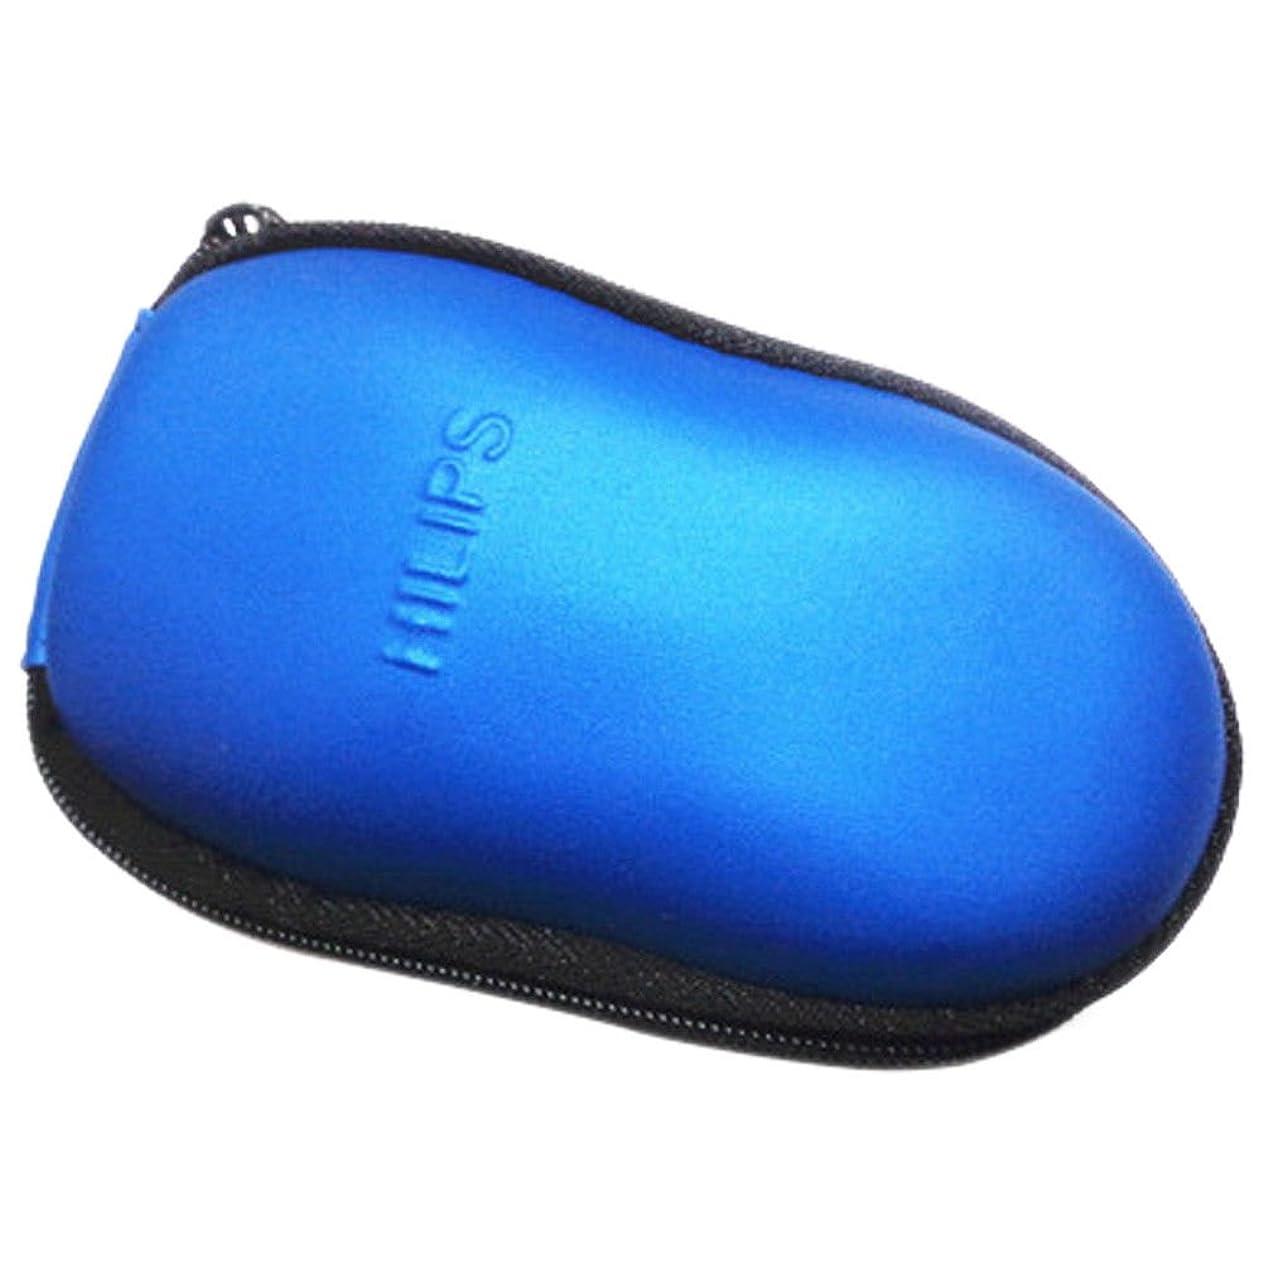 侵略容疑者バッジDeylaying 置換 シェーバー 頭 刃/キャリーバッグ/フォイル カッター HQ56 for Philips PQ210 PQ216